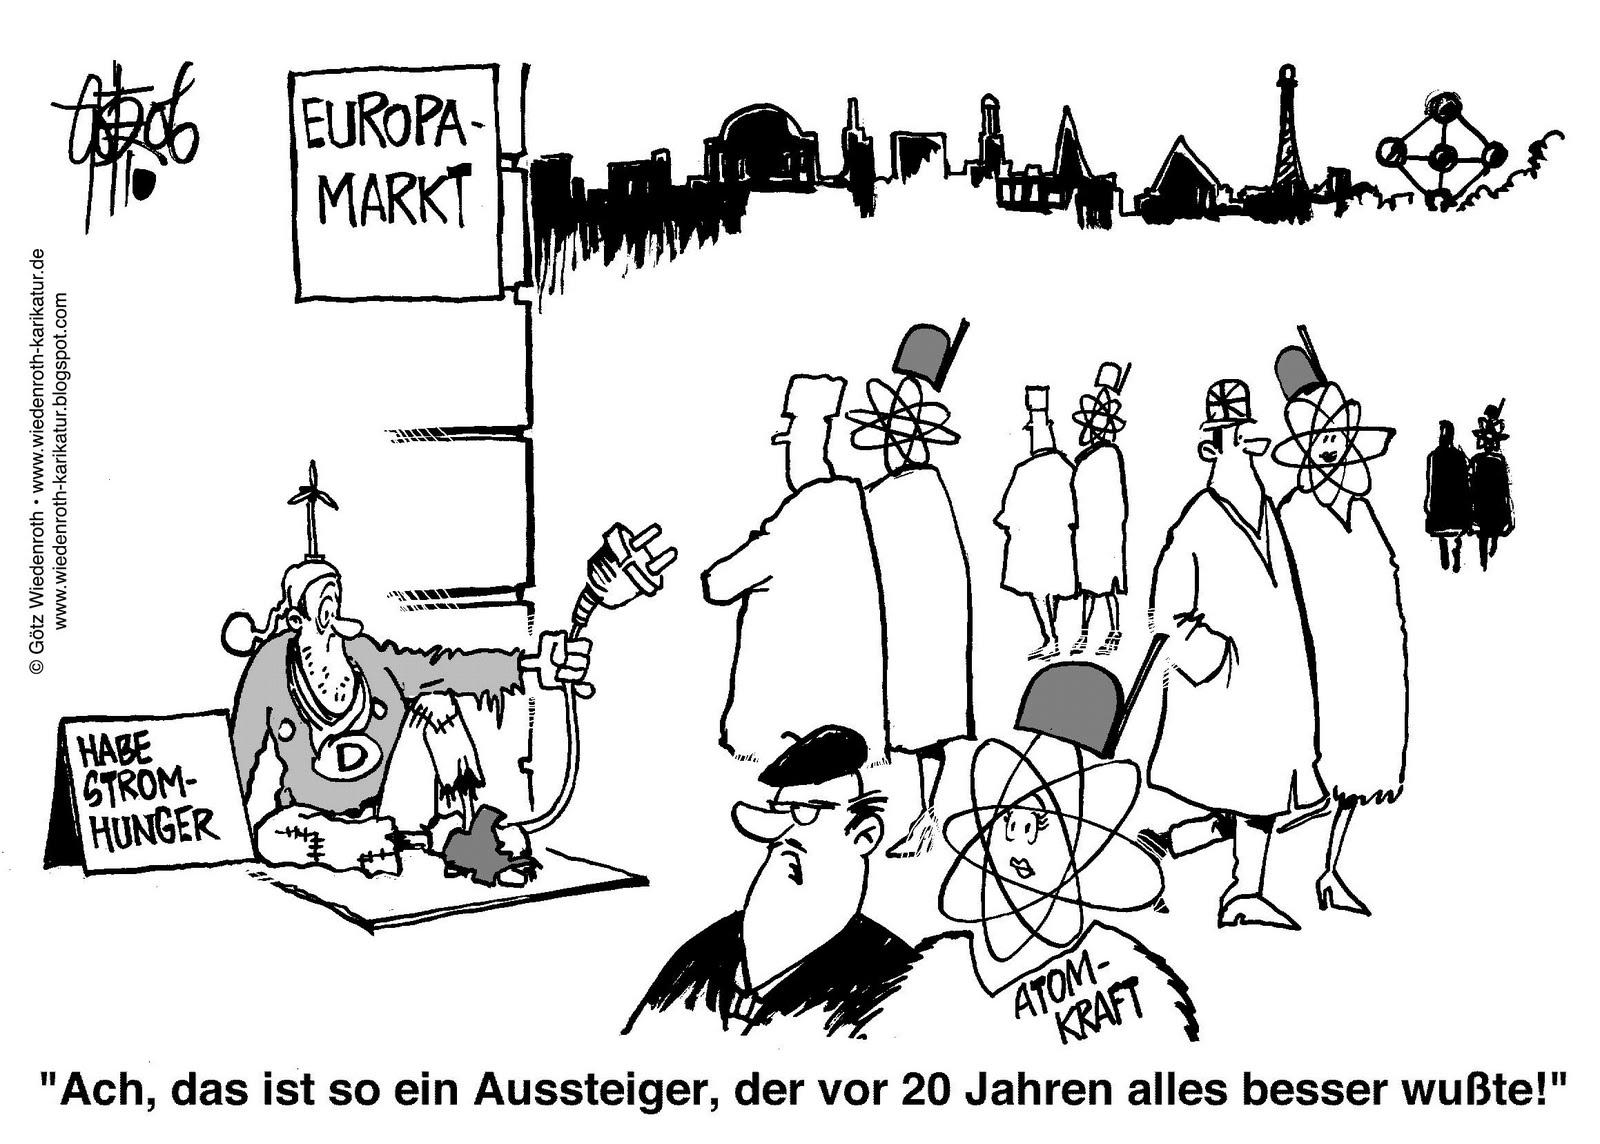 Atomaussteiger Deutschland Einzelganger Nicht Vorreiter